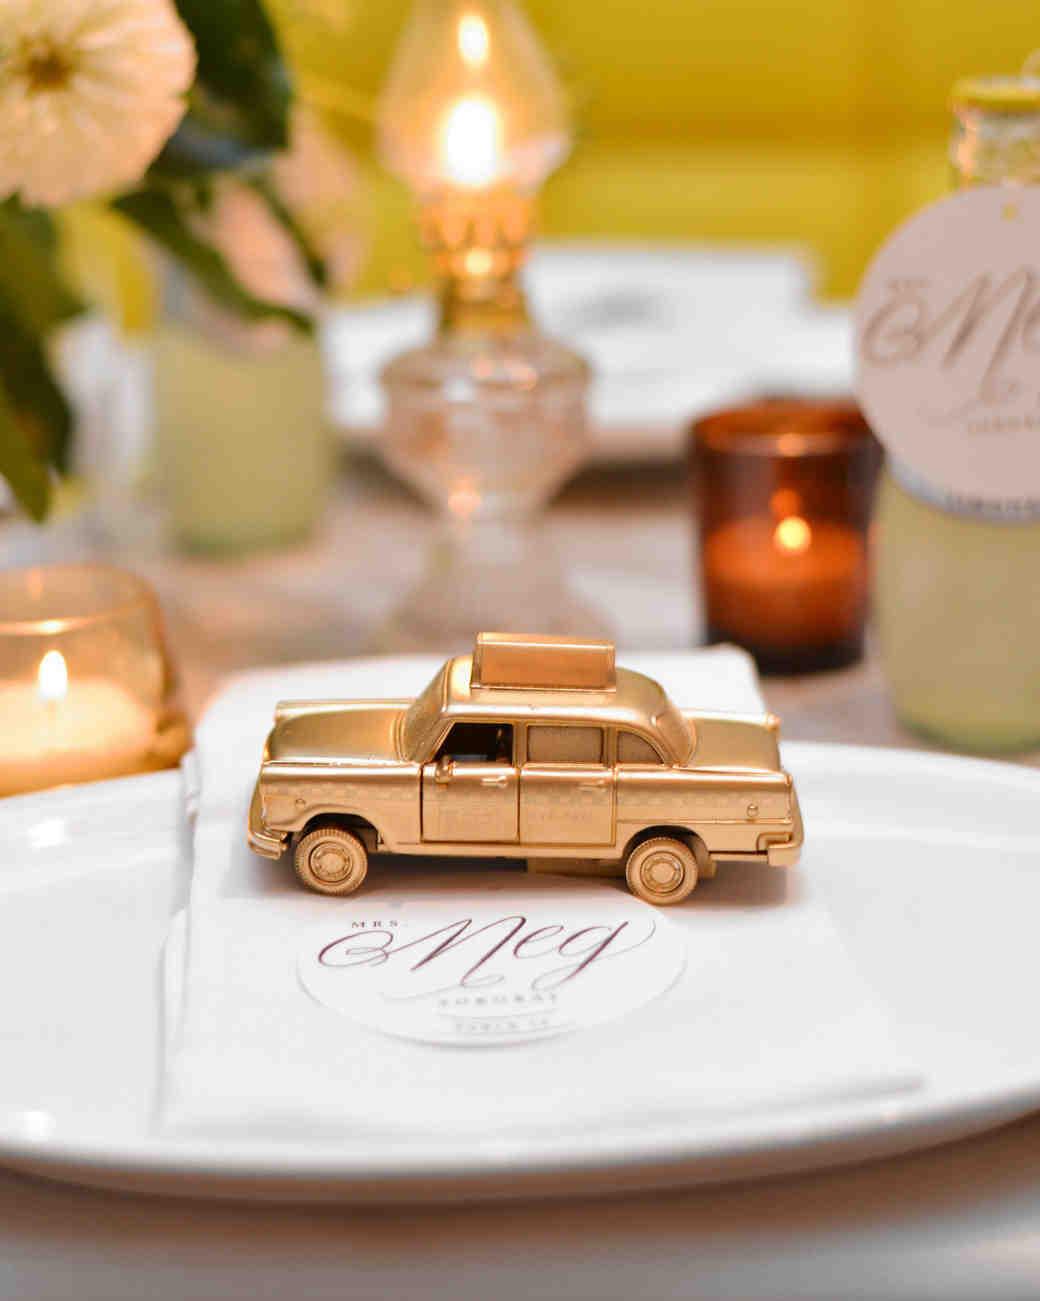 mini taxi cab on place setting